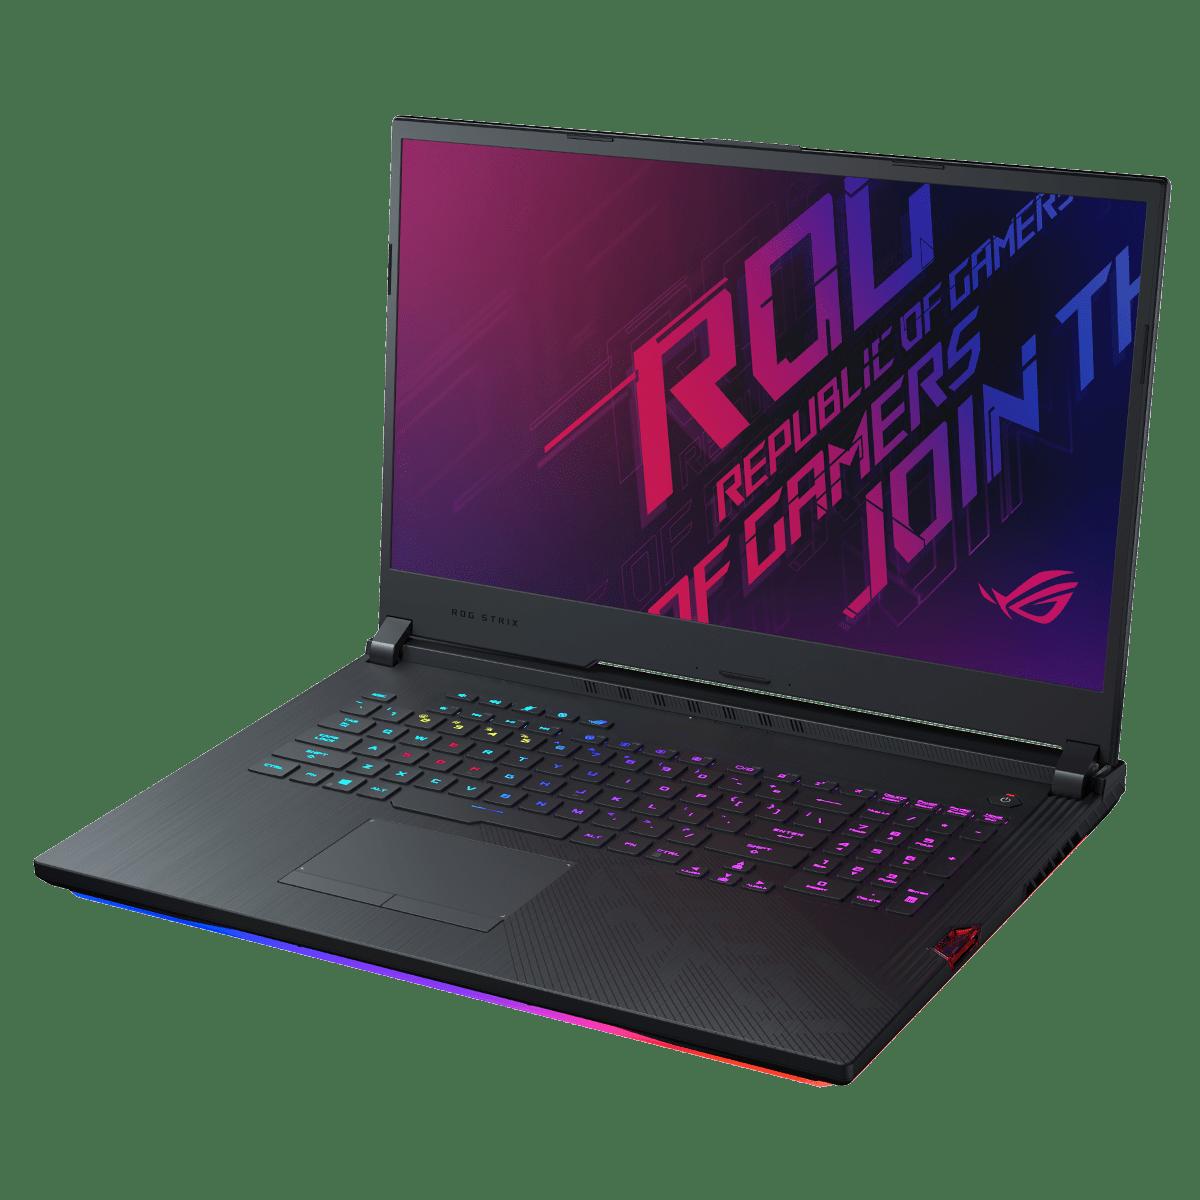 ASUS ROG G731GV-DB74 Gaming Laptop